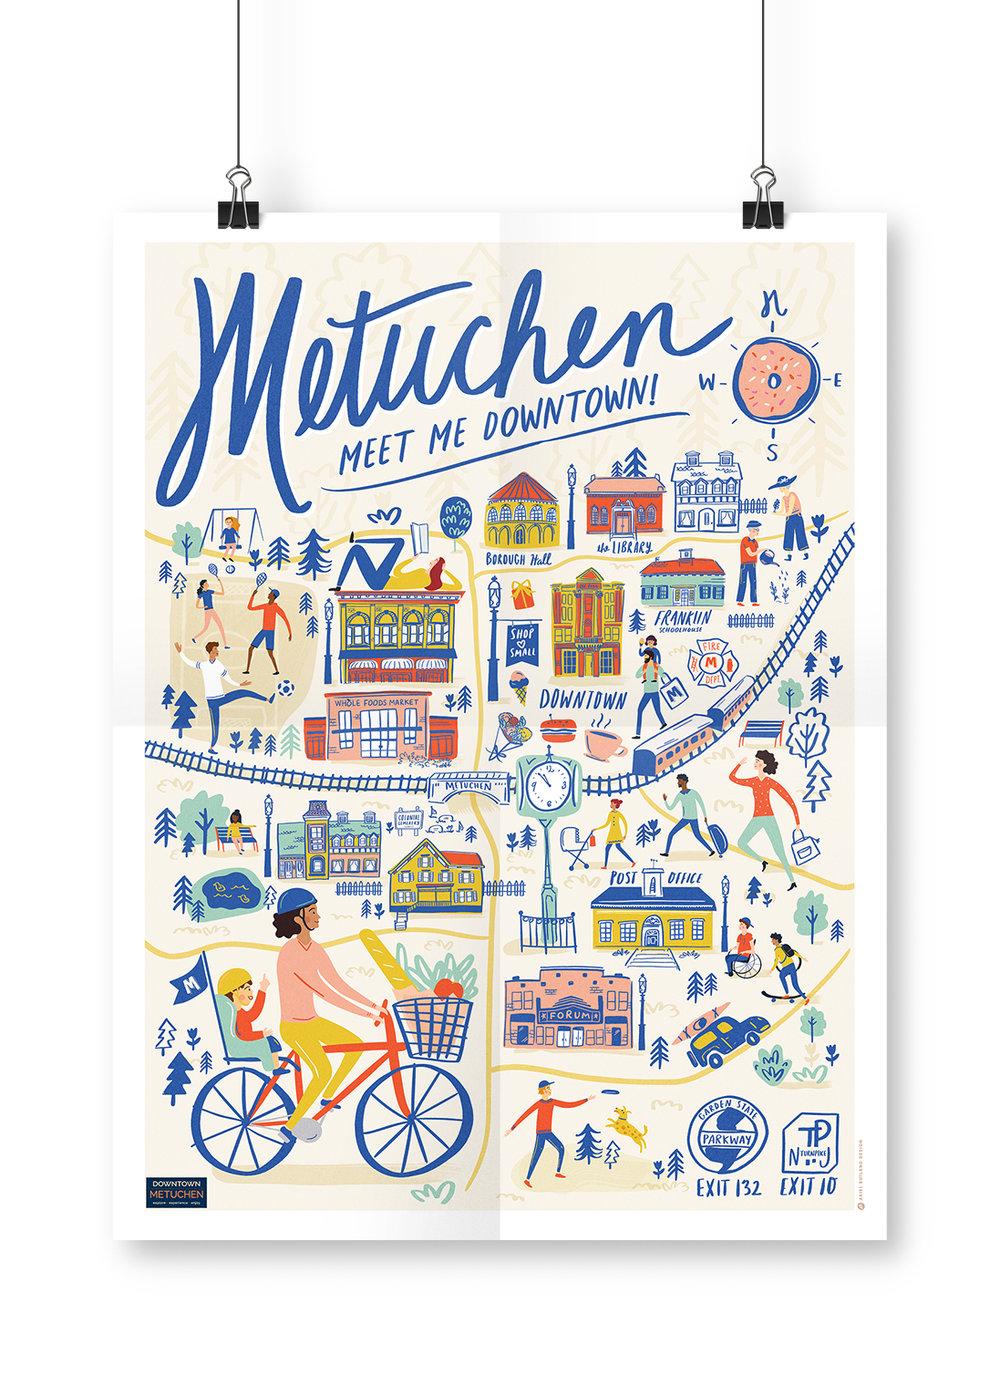 metuchen_poster.jpg